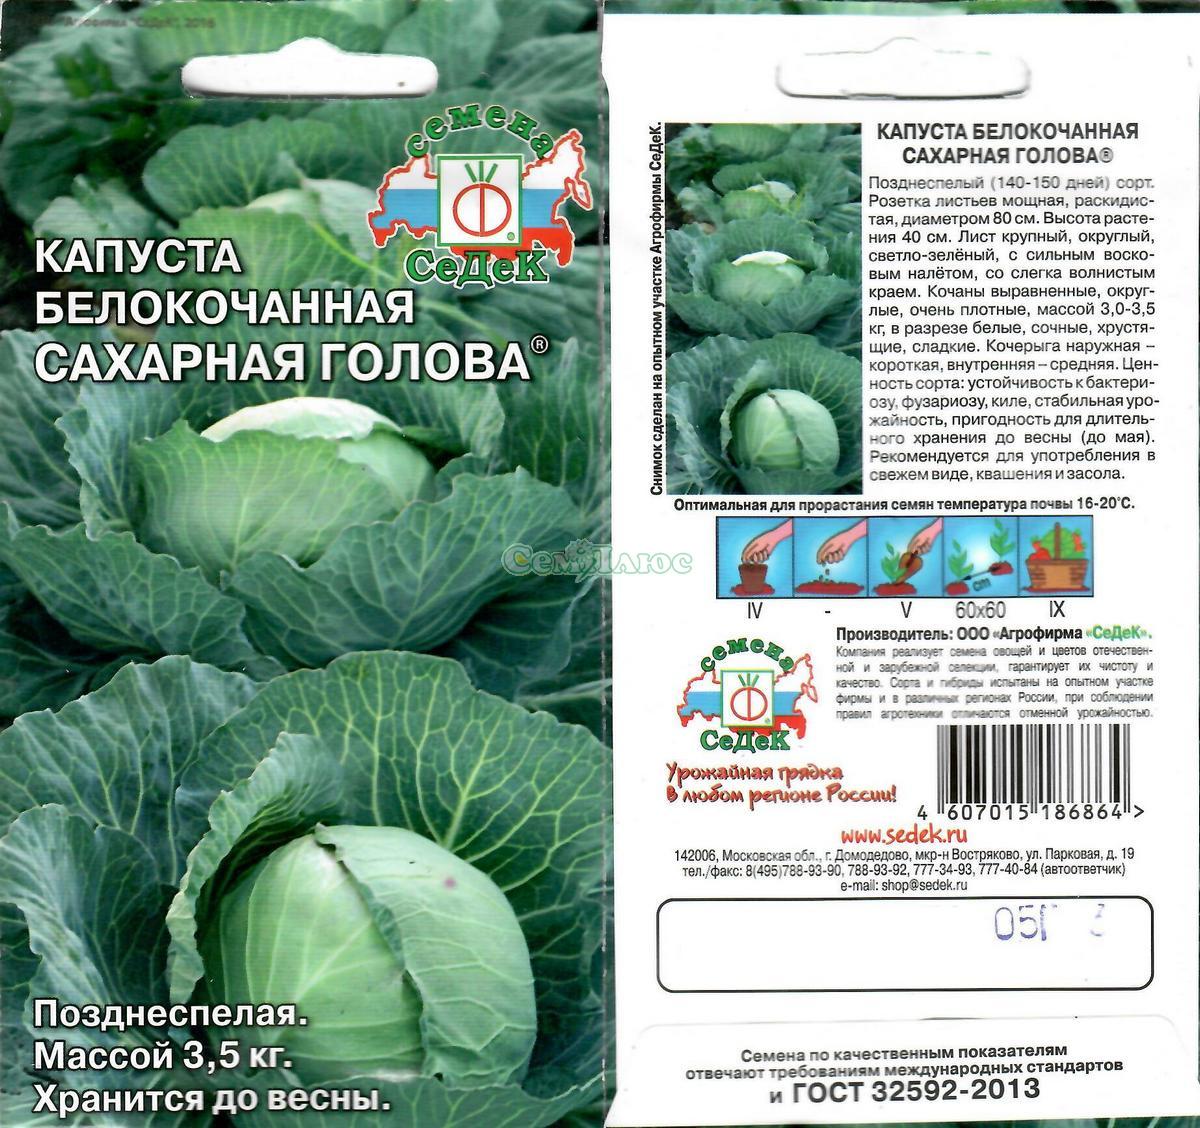 Лучшие сорта ранней капусты - названия, фото и отзывы